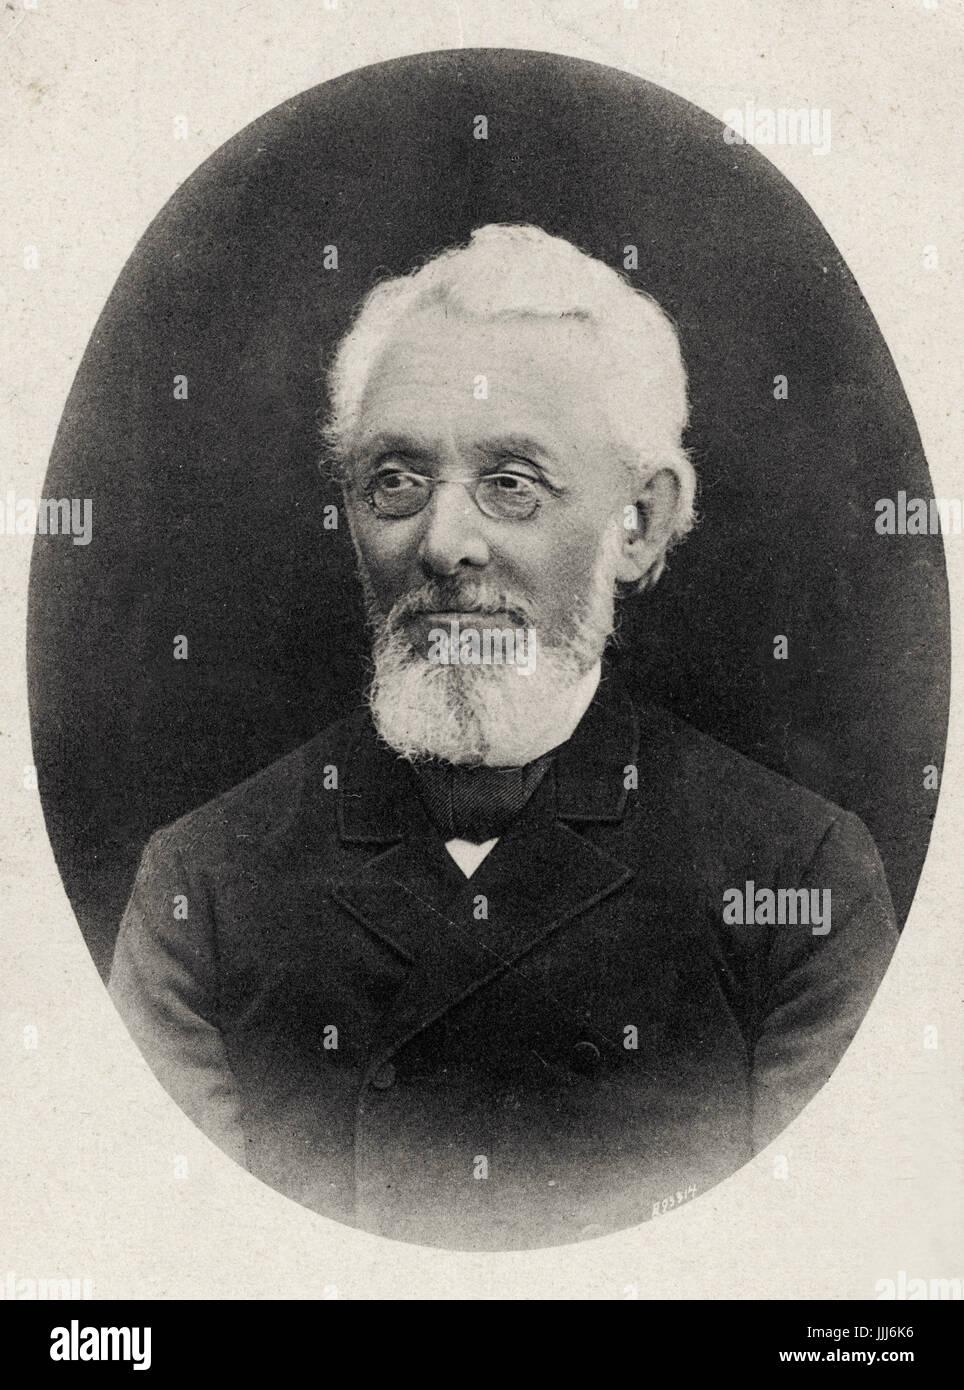 Mendele Mocher Seforim / Mendele Mokher S'forim - (Mendel the bookseller) original name Sholem Yankev Abramovitch, - Stock Image